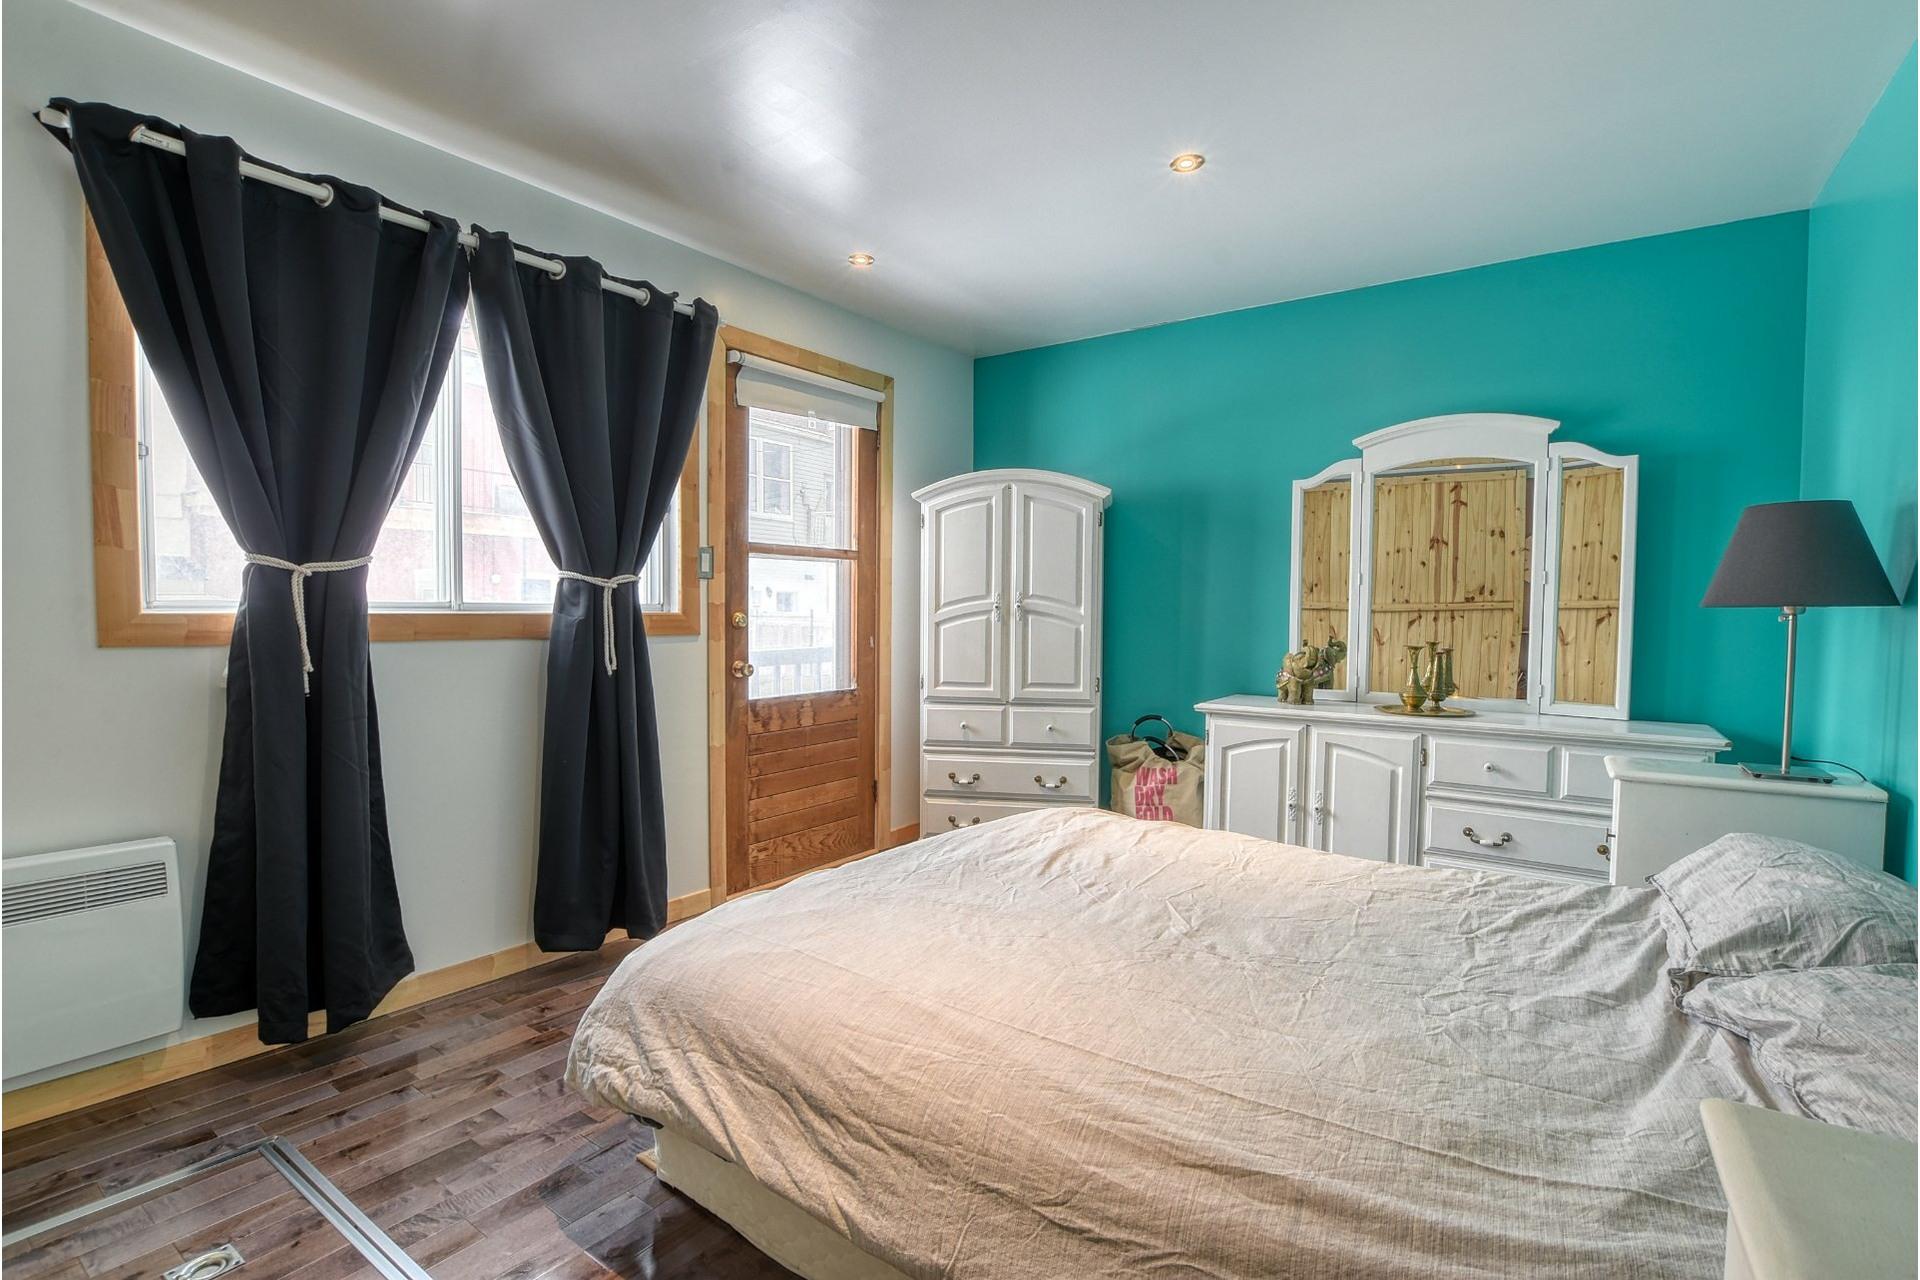 image 8 - House For sale Lachine Montréal  - 5 rooms